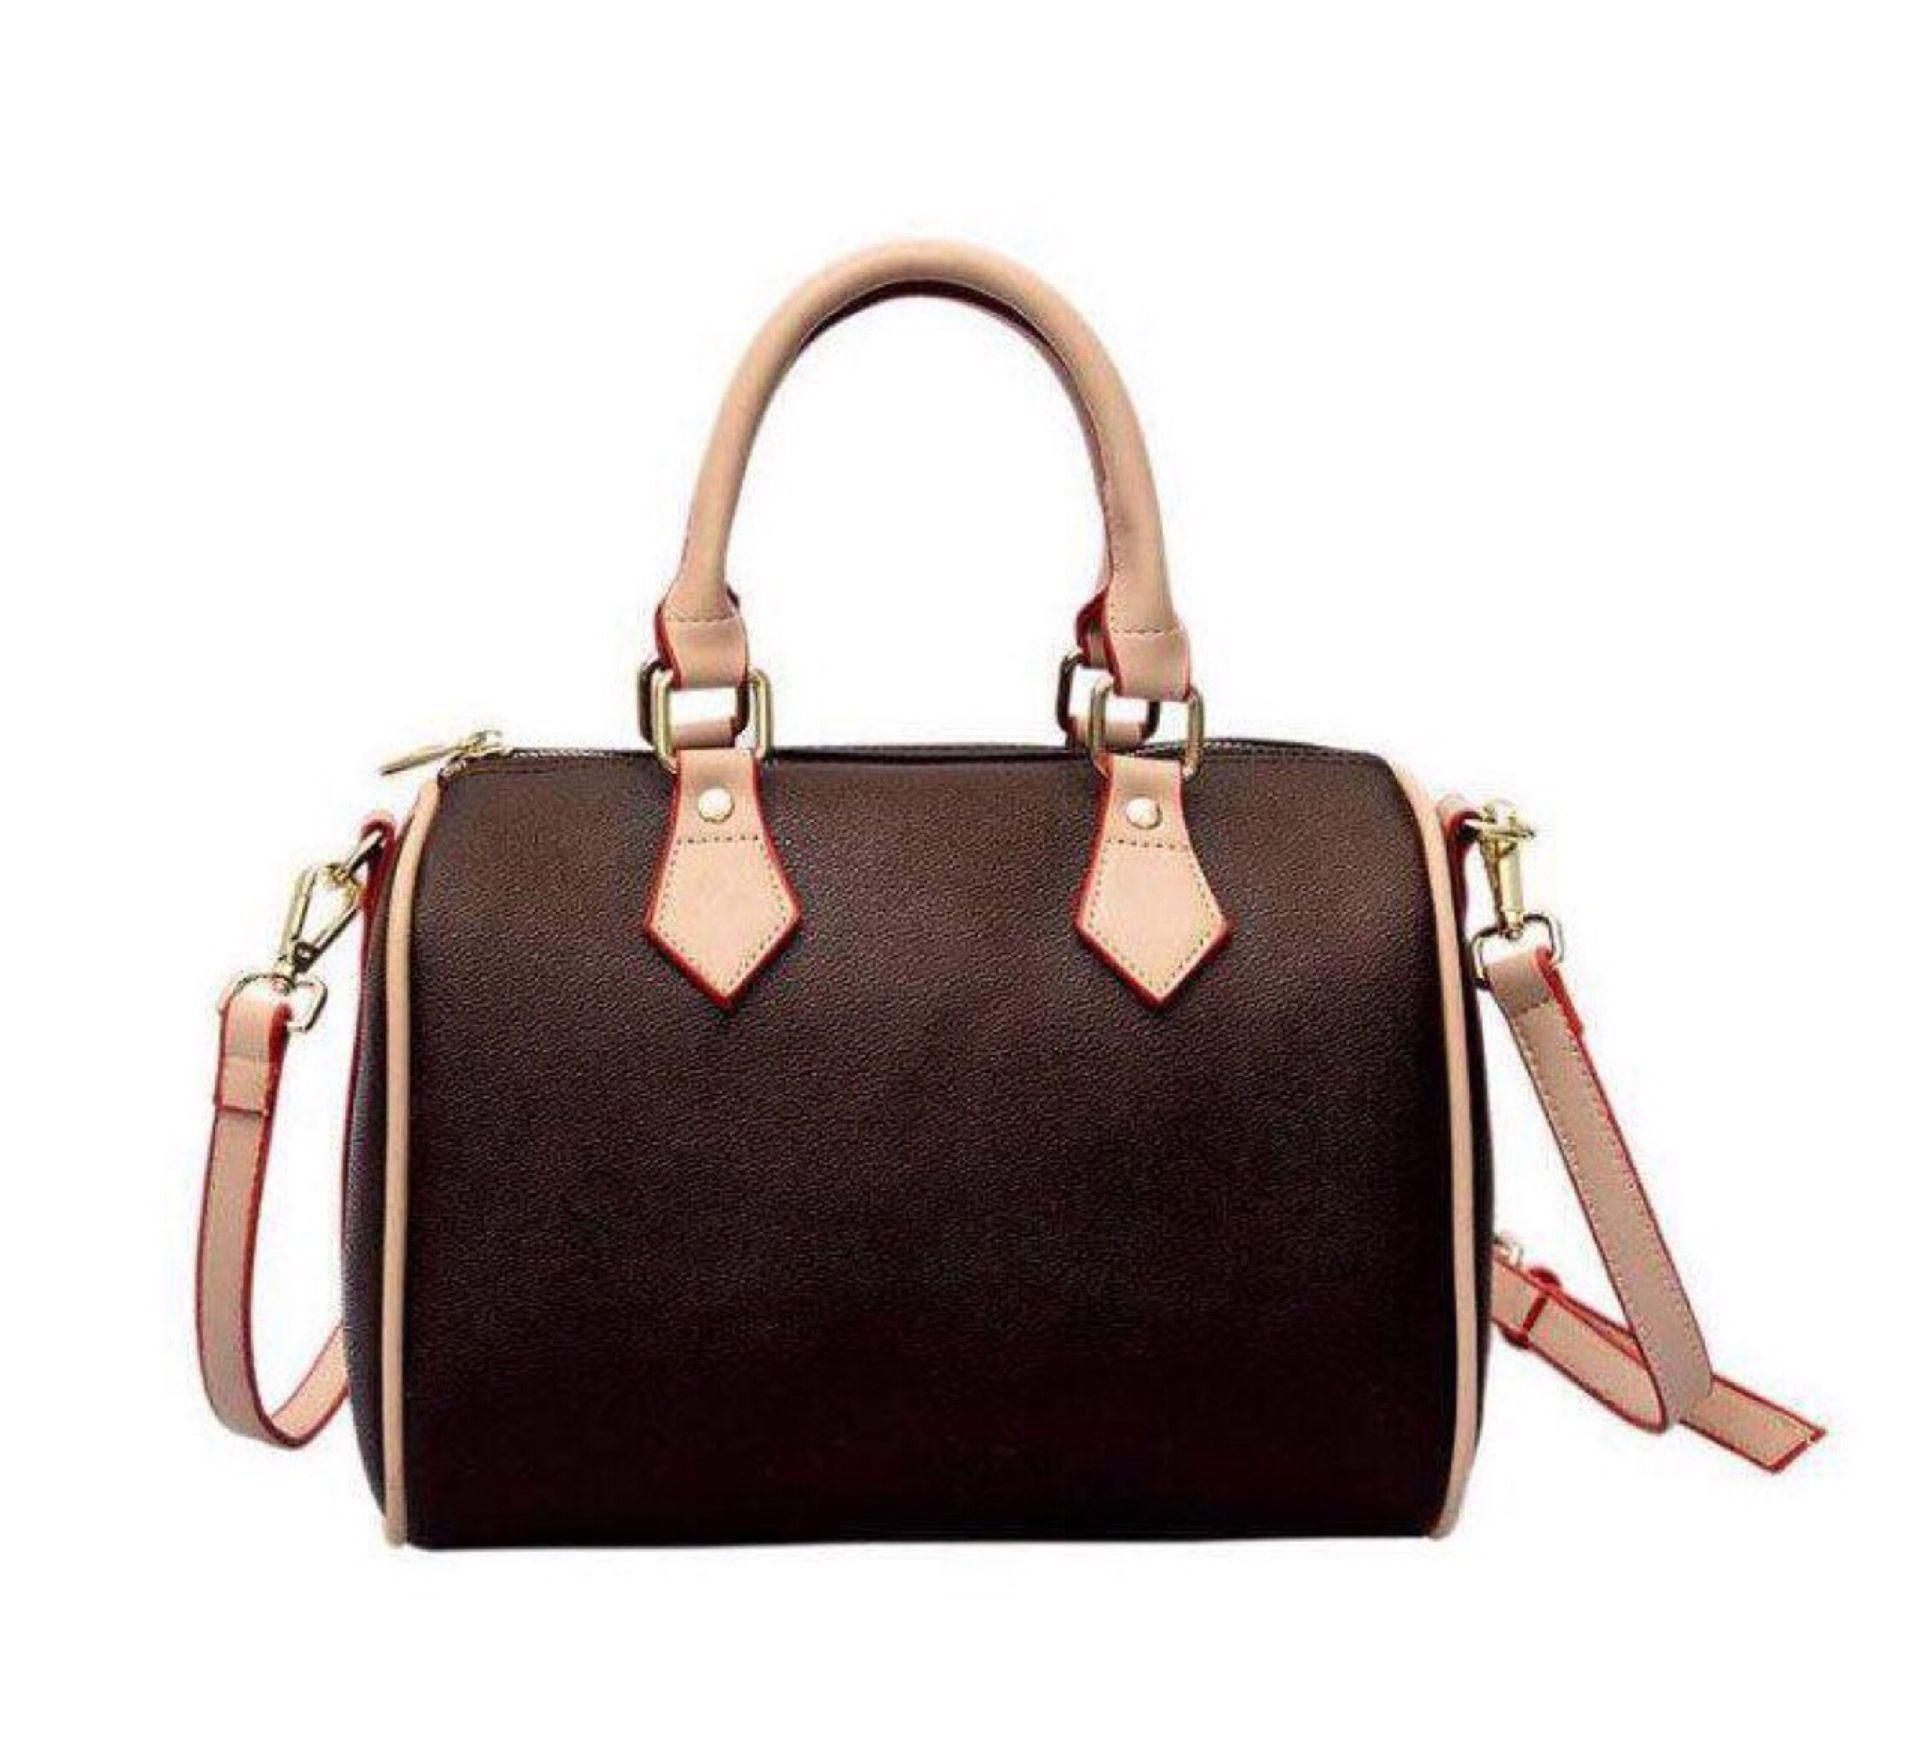 Скоростные сумки Женщины Томаты Сумка Мода Рышко Роскошный Бренд Сумка Messenger Старый Цветок 2021